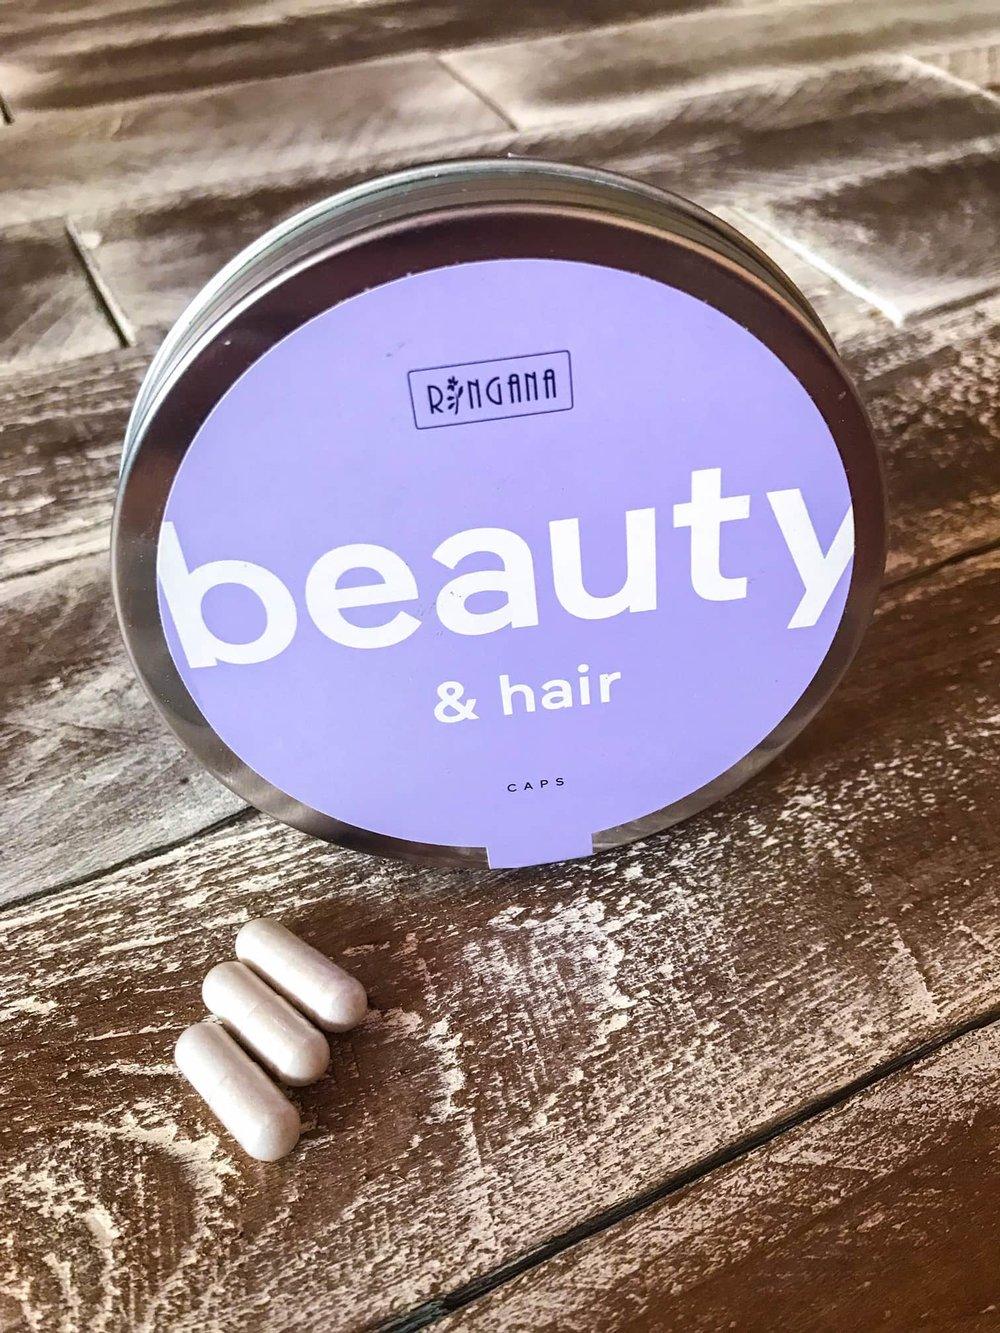 Die CAPS beauty & hair stärken Haare und Bindegewebe von innen heraus - Foto by Inselamigo